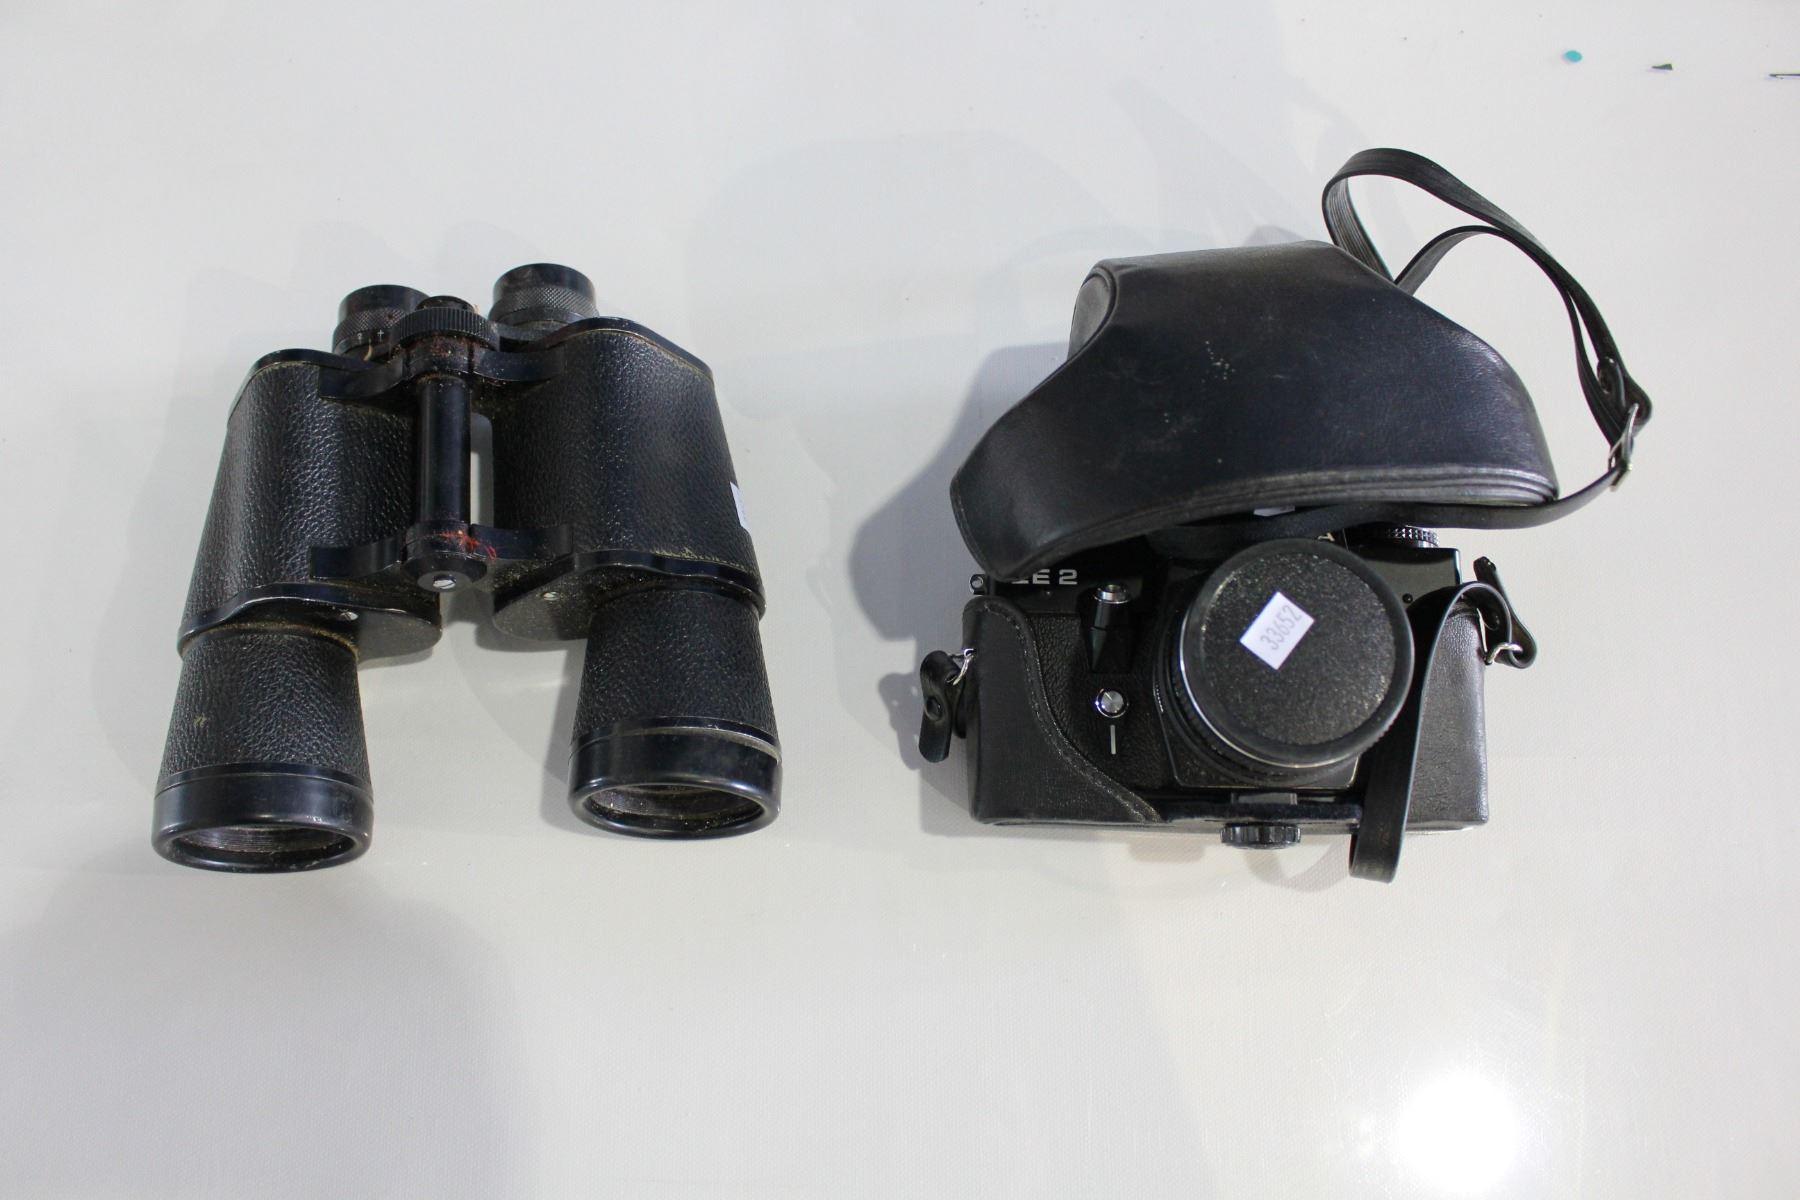 Shelf including praktica camera binoculars